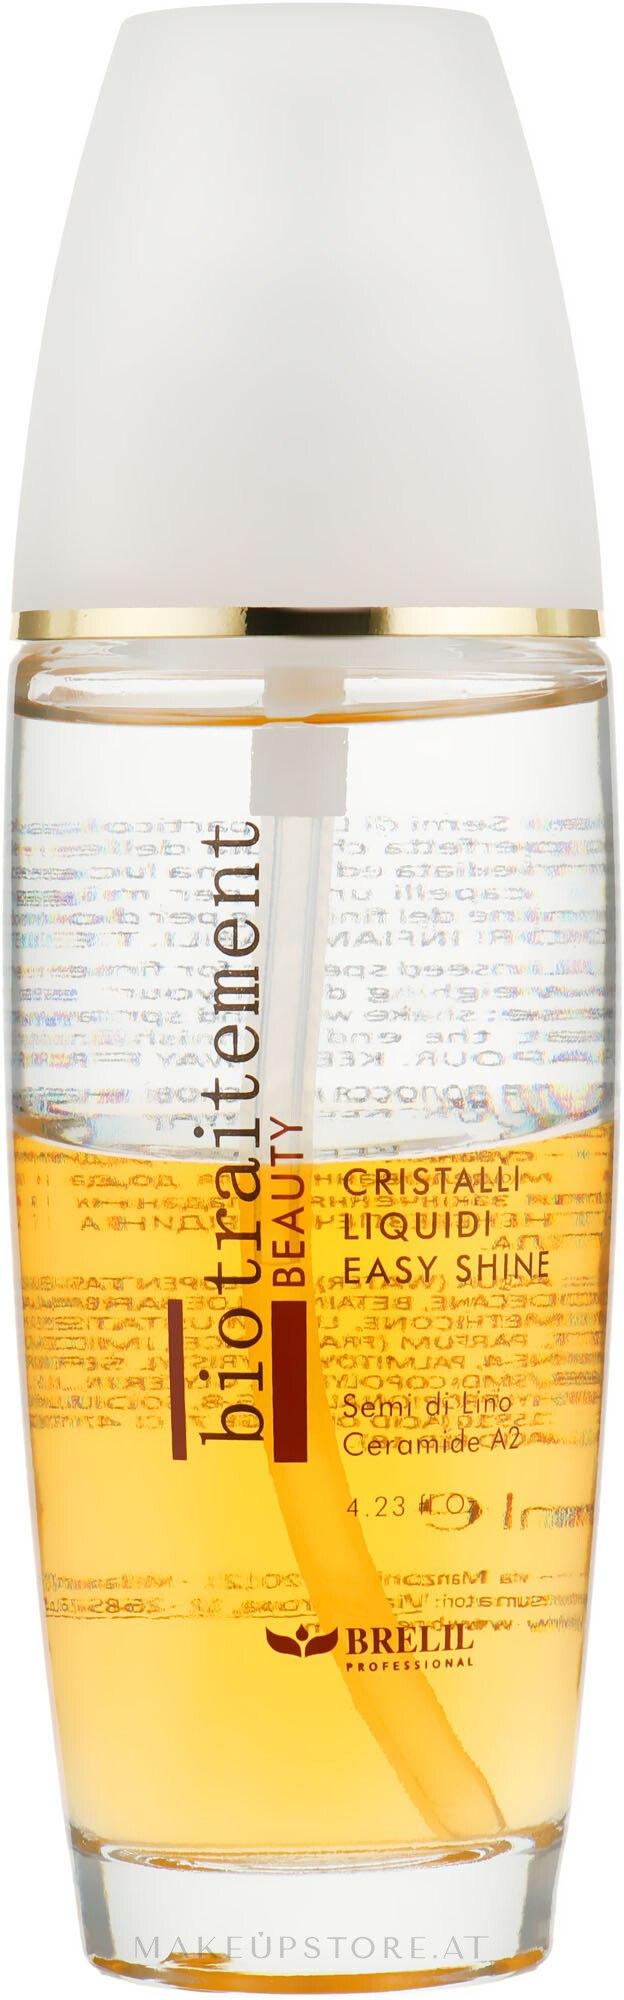 Zweiphasige Flüssigkristalle mit Ceramiden - Brelil Bio Traitement Beauty Cristalli Liquidi Easy Shine — Bild 125 ml